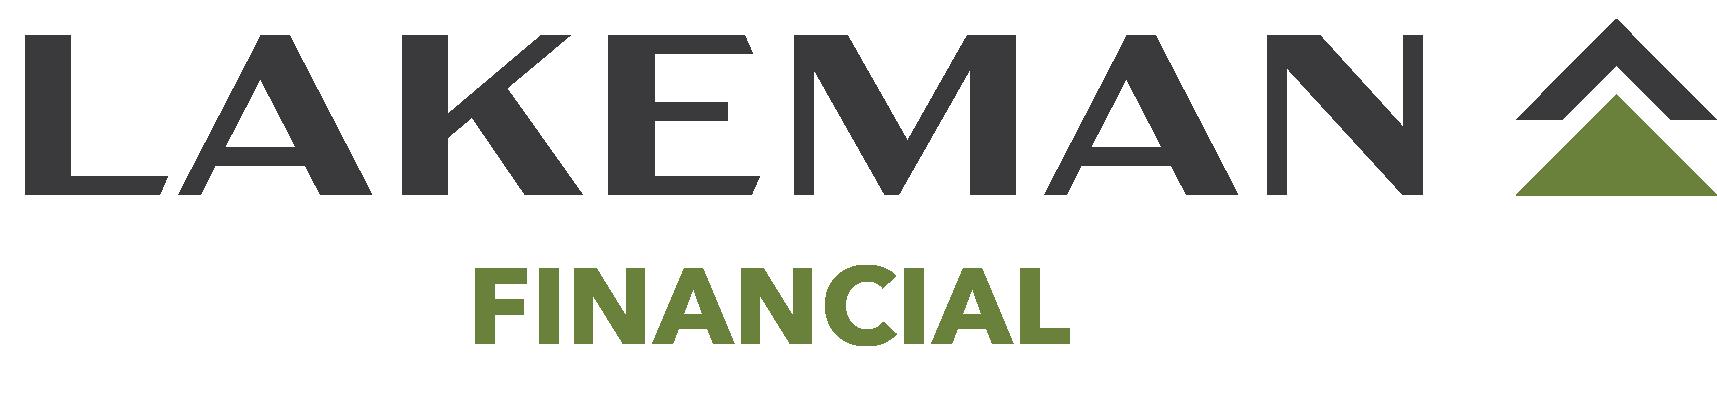 Lakeman Financial